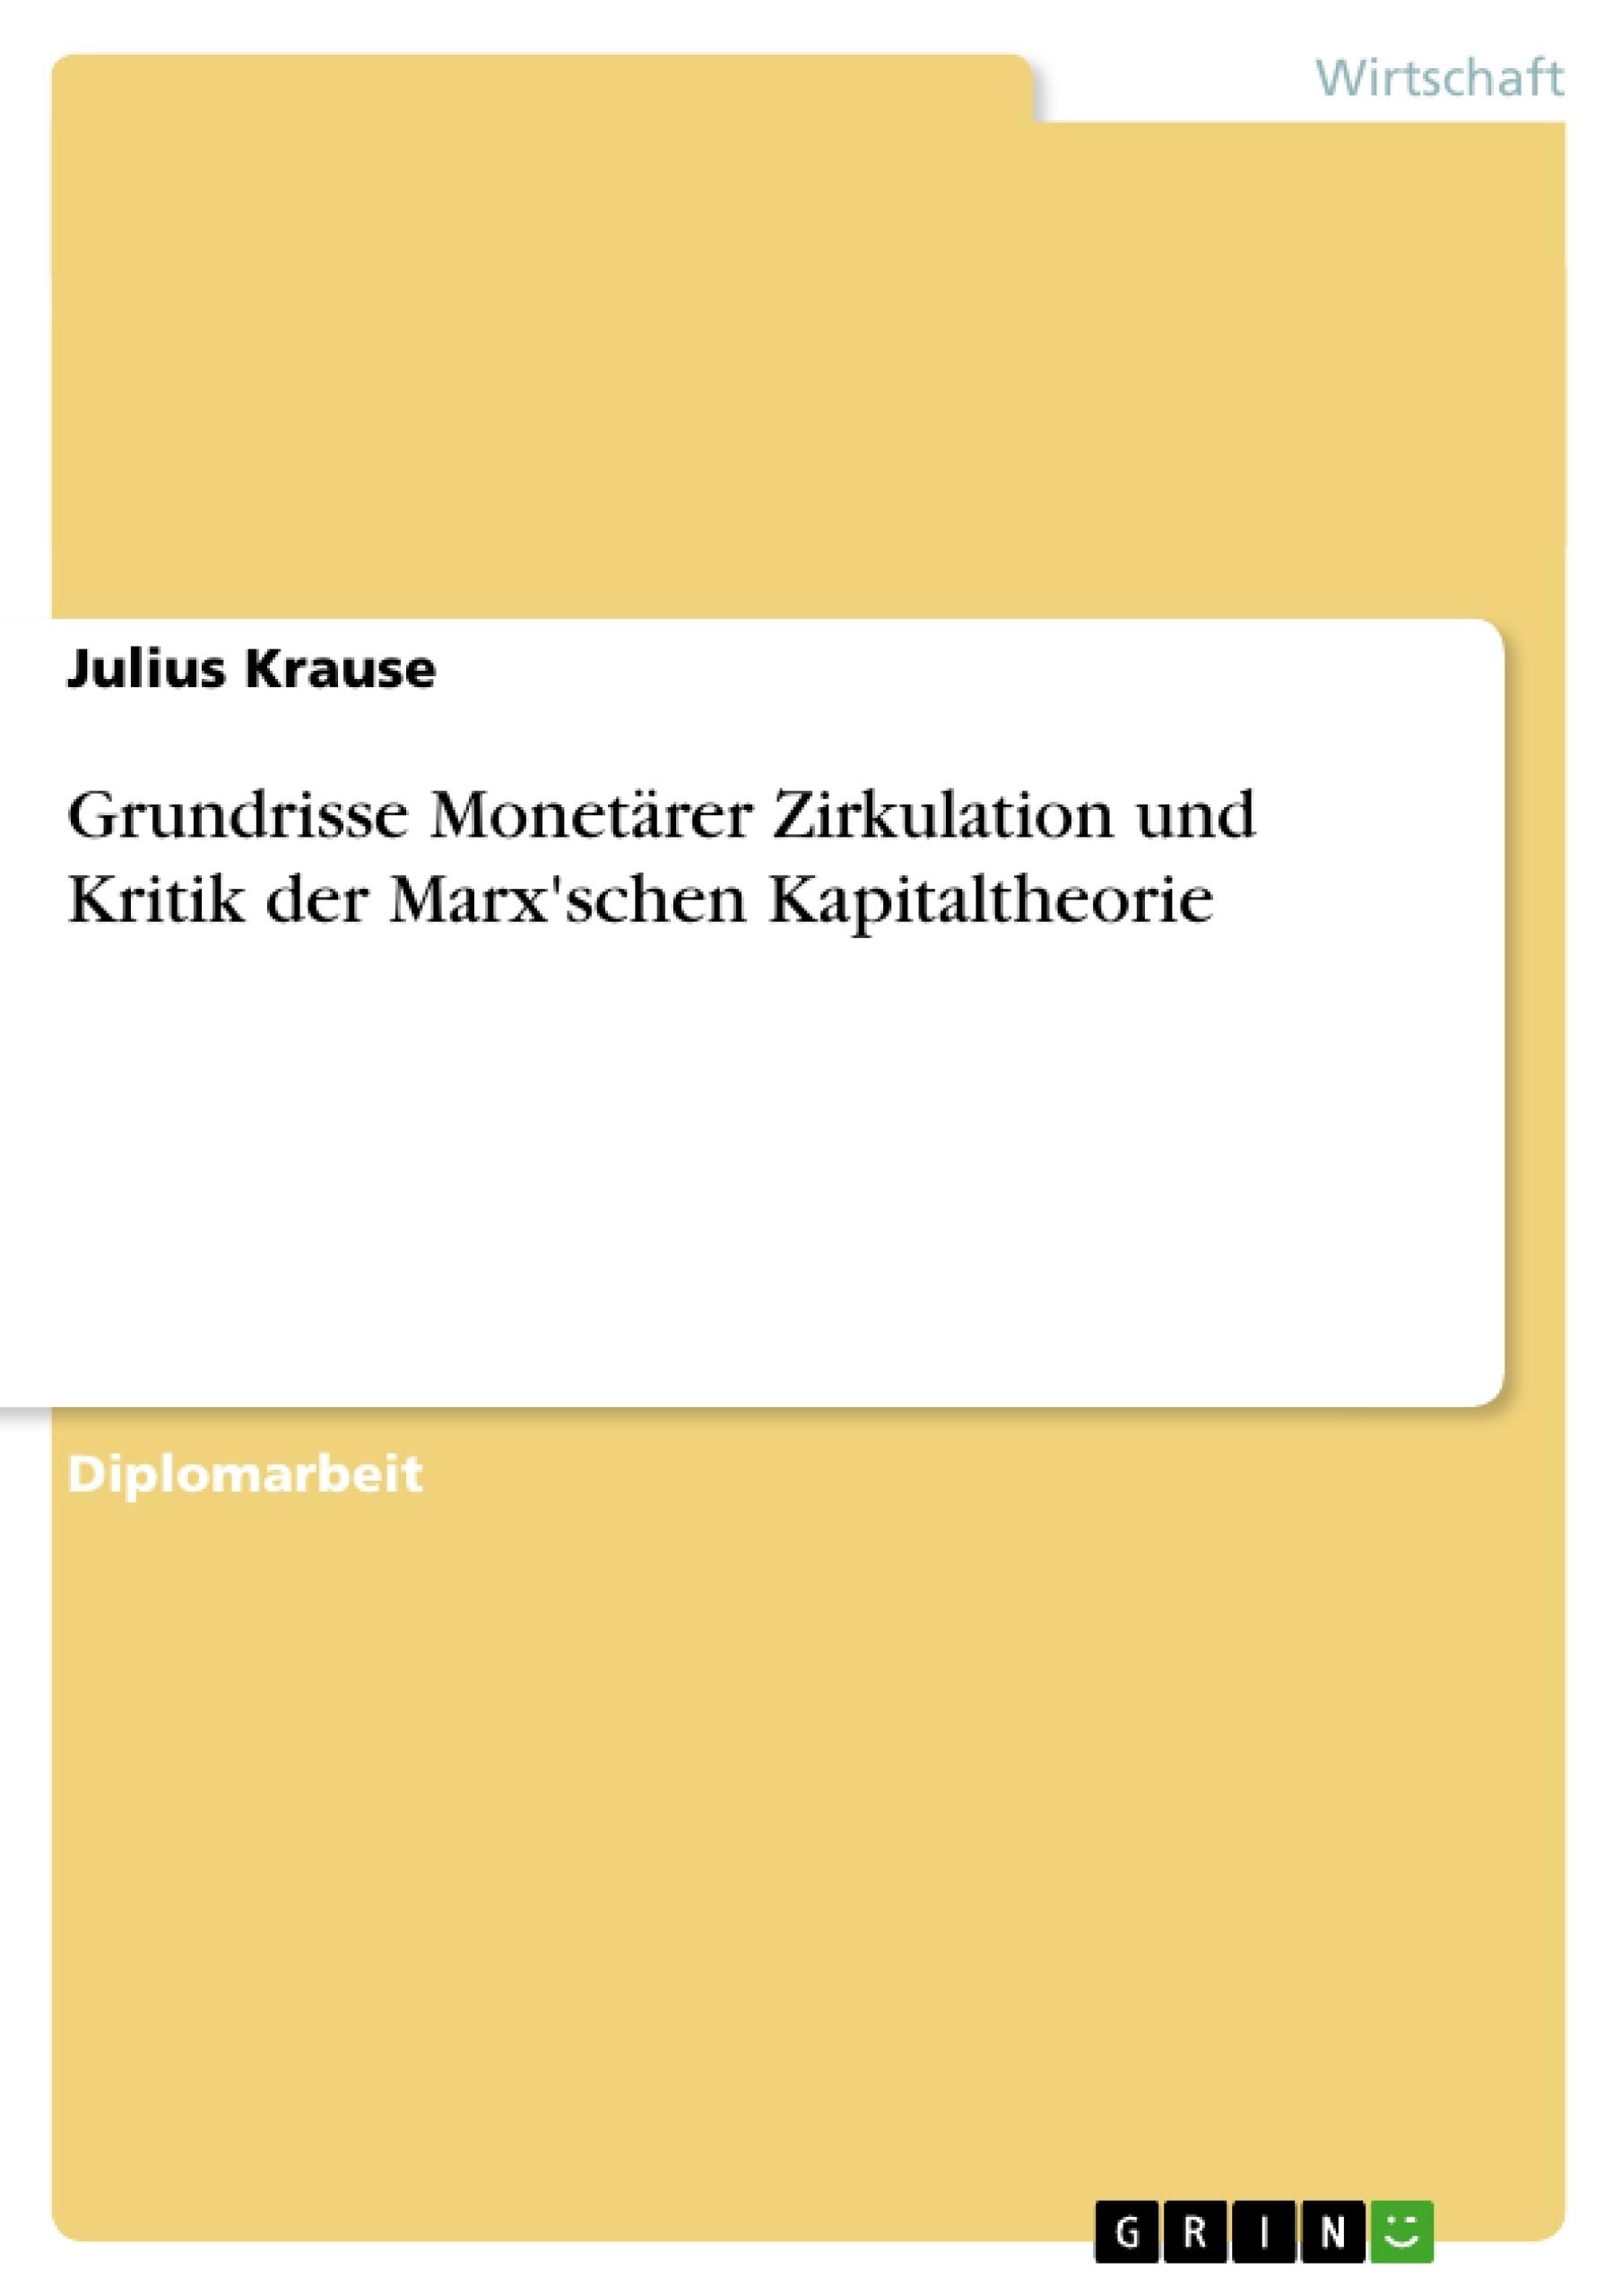 Titel: Grundrisse Monetärer Zirkulation und Kritik der Marx'schen Kapitaltheorie